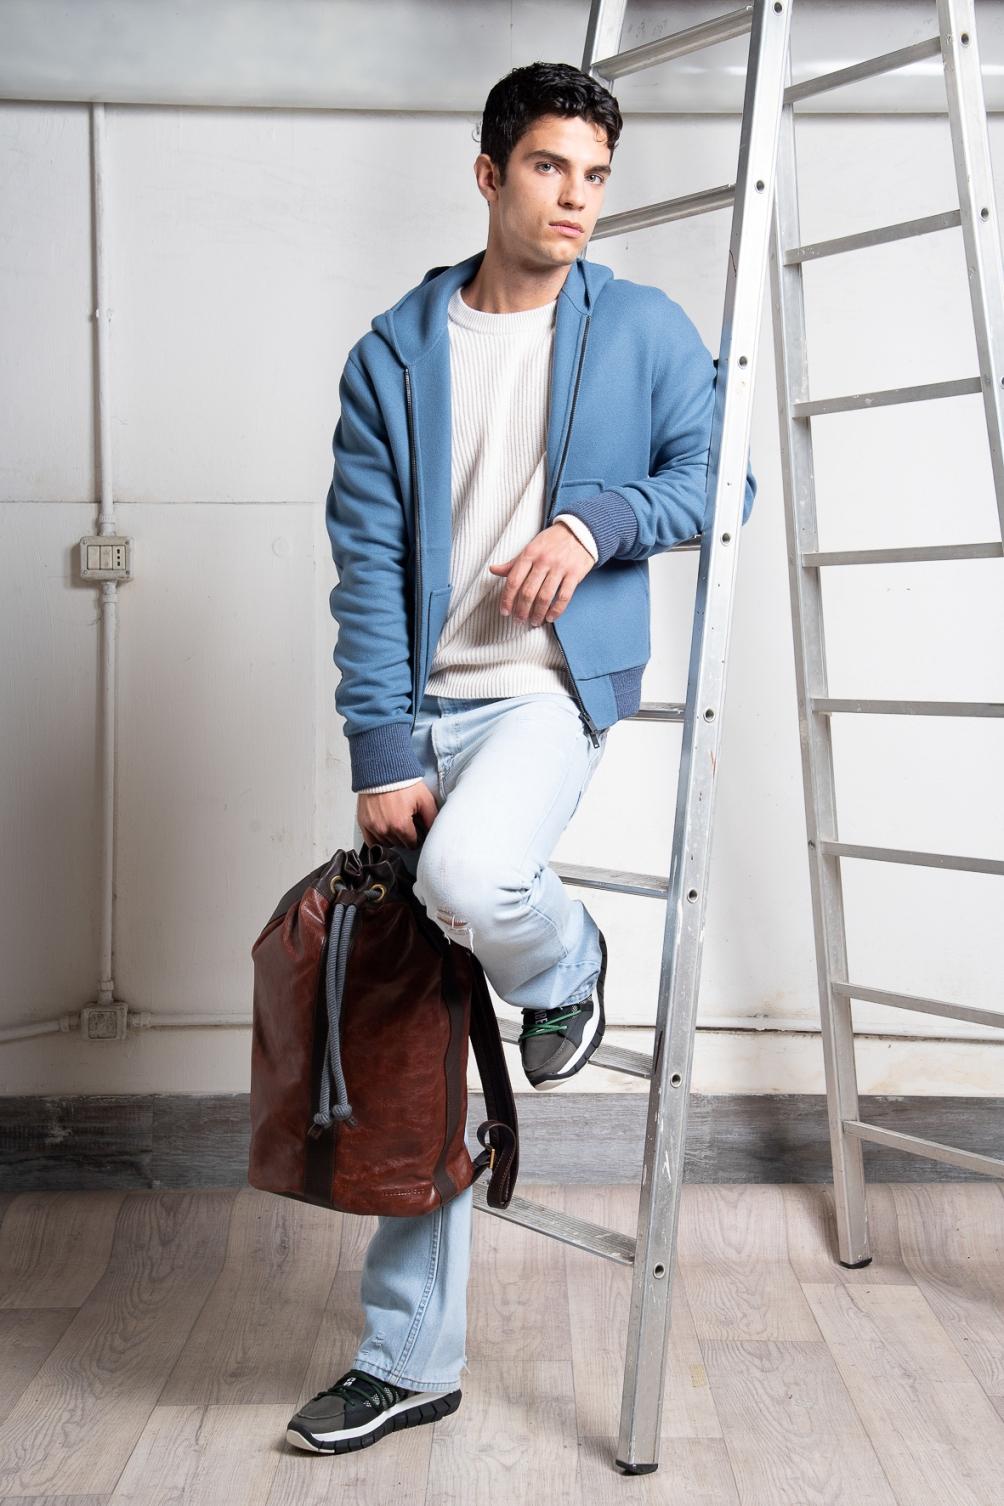 Jacket - Hevō Jumper -  Brunello Cucinelli , Jeans - vintage  A.N.G.E.L.O. , Backpack -  Brunello Cucinelli , Shoes -  Bikkembergs